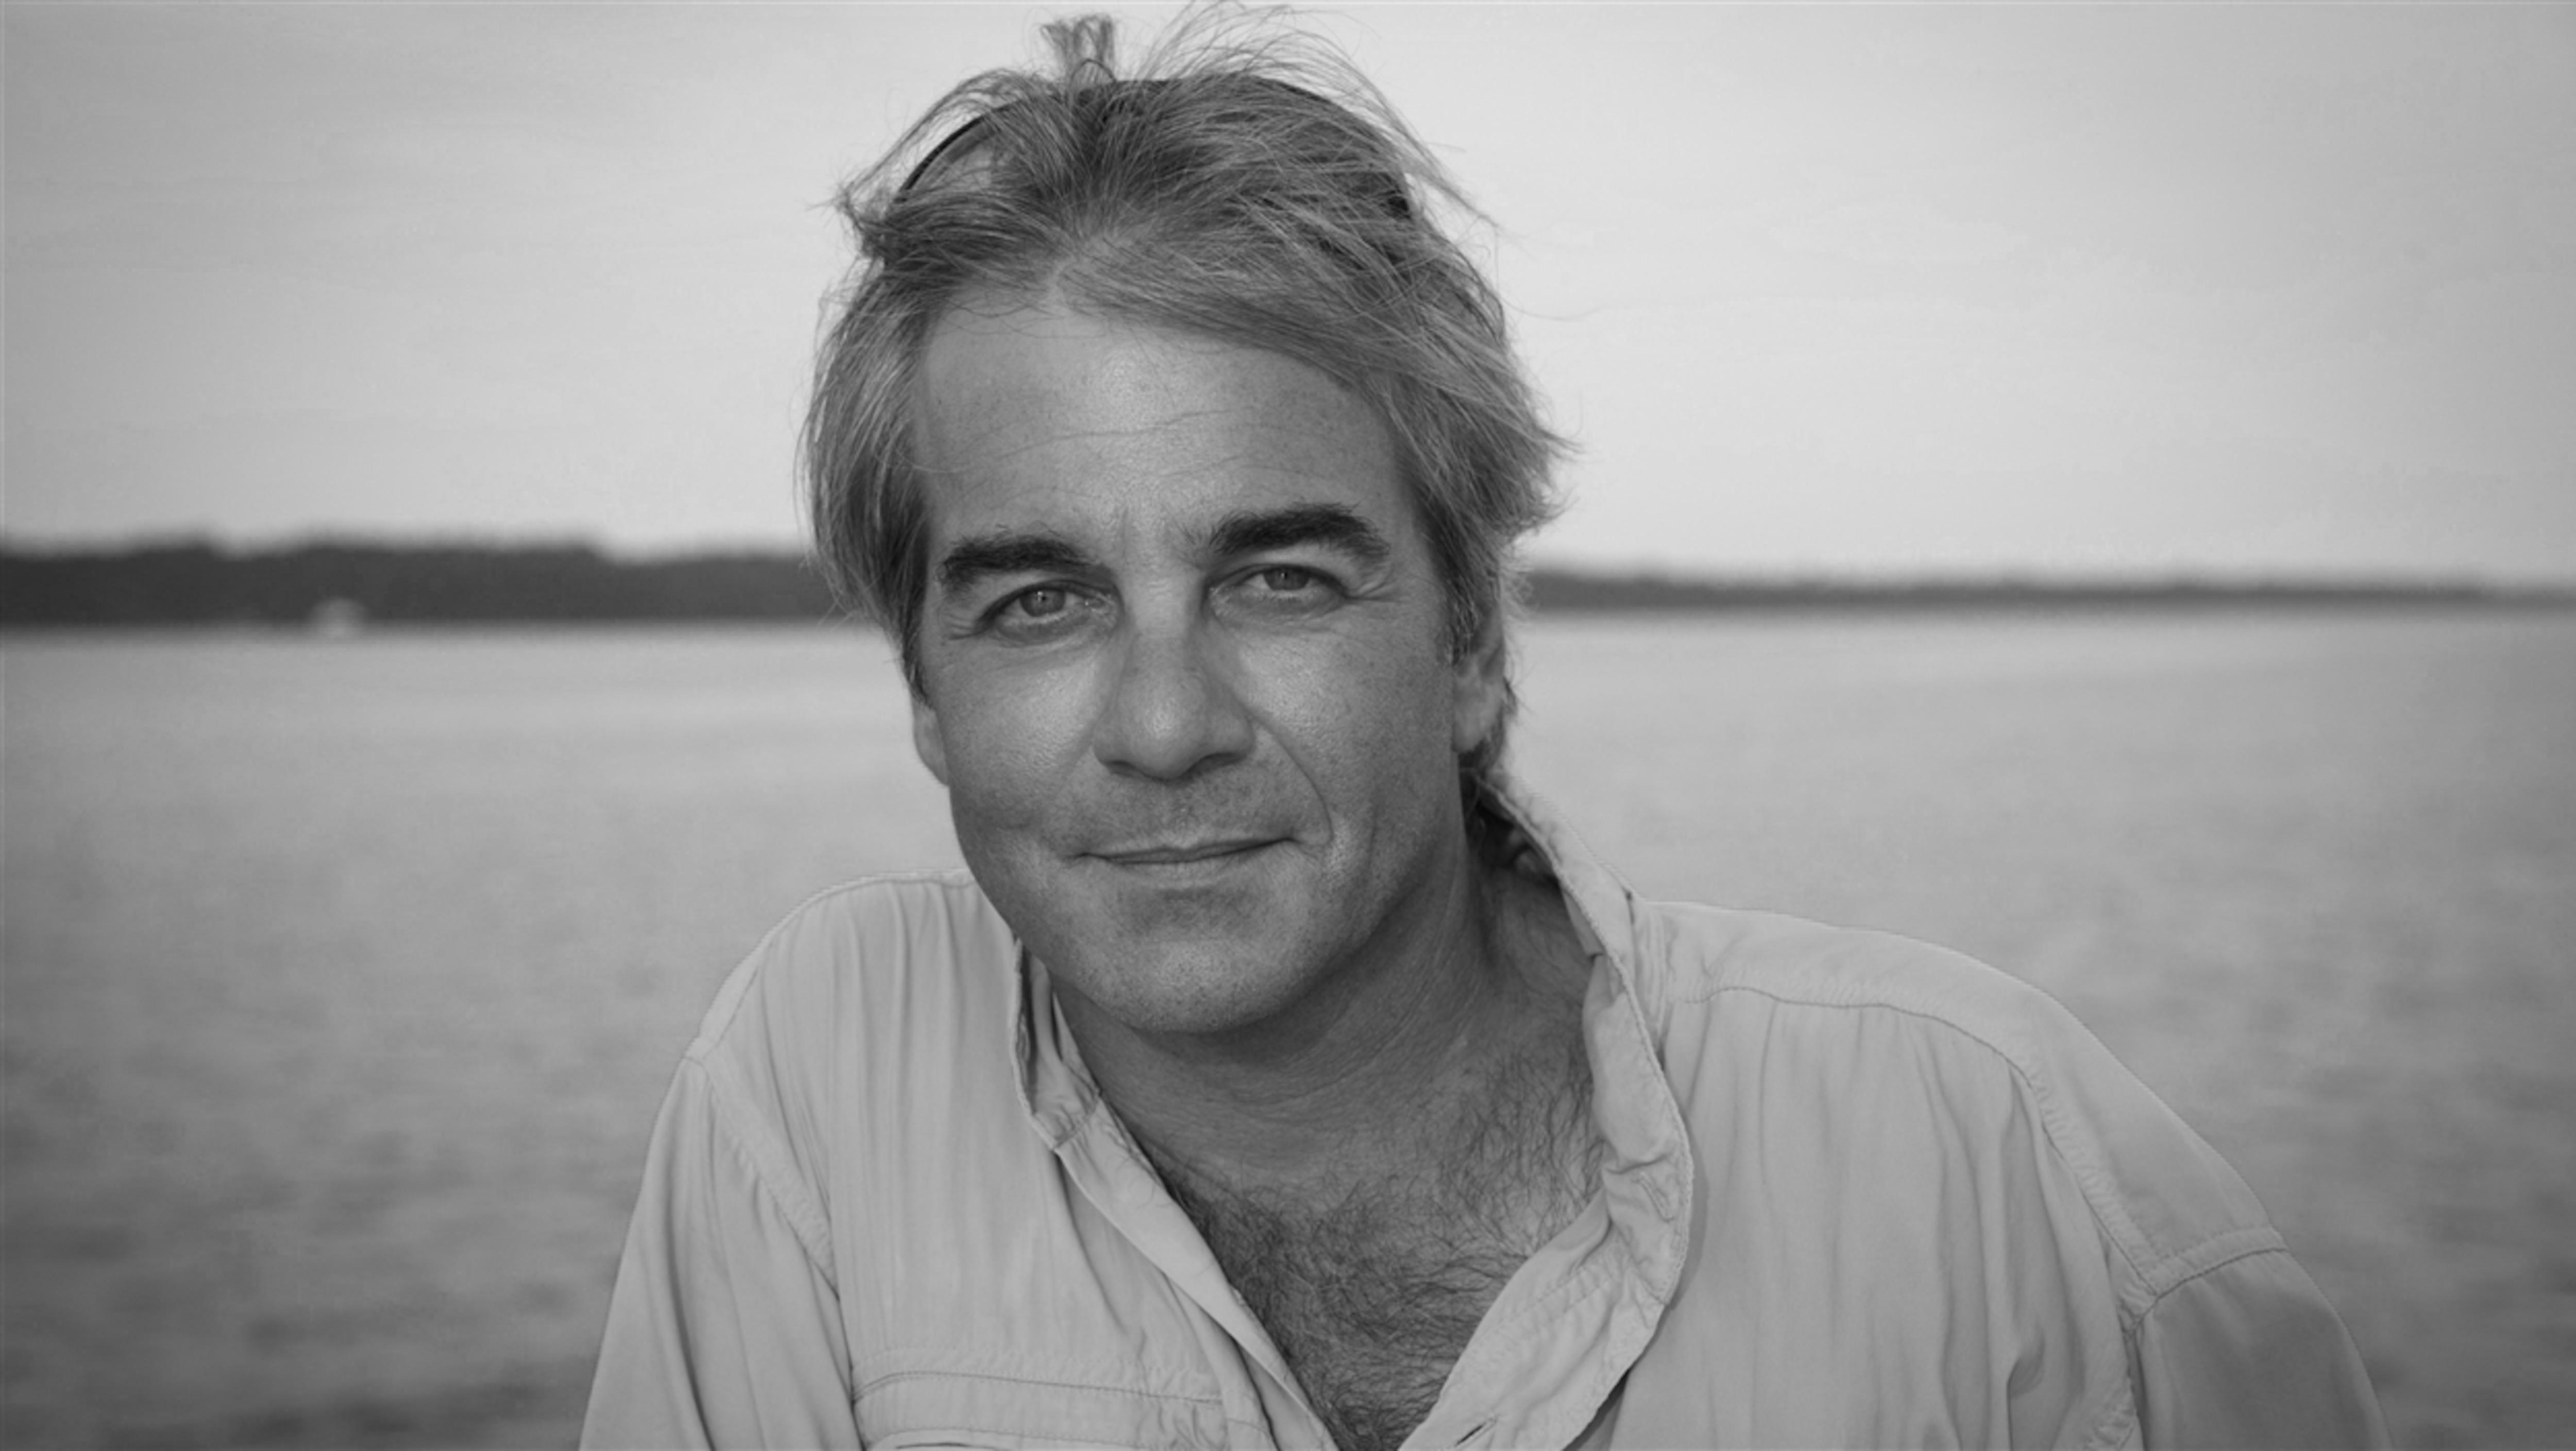 L'environnementaliste Jean Lemire prend la pose, sur une photo en noir et blanc.